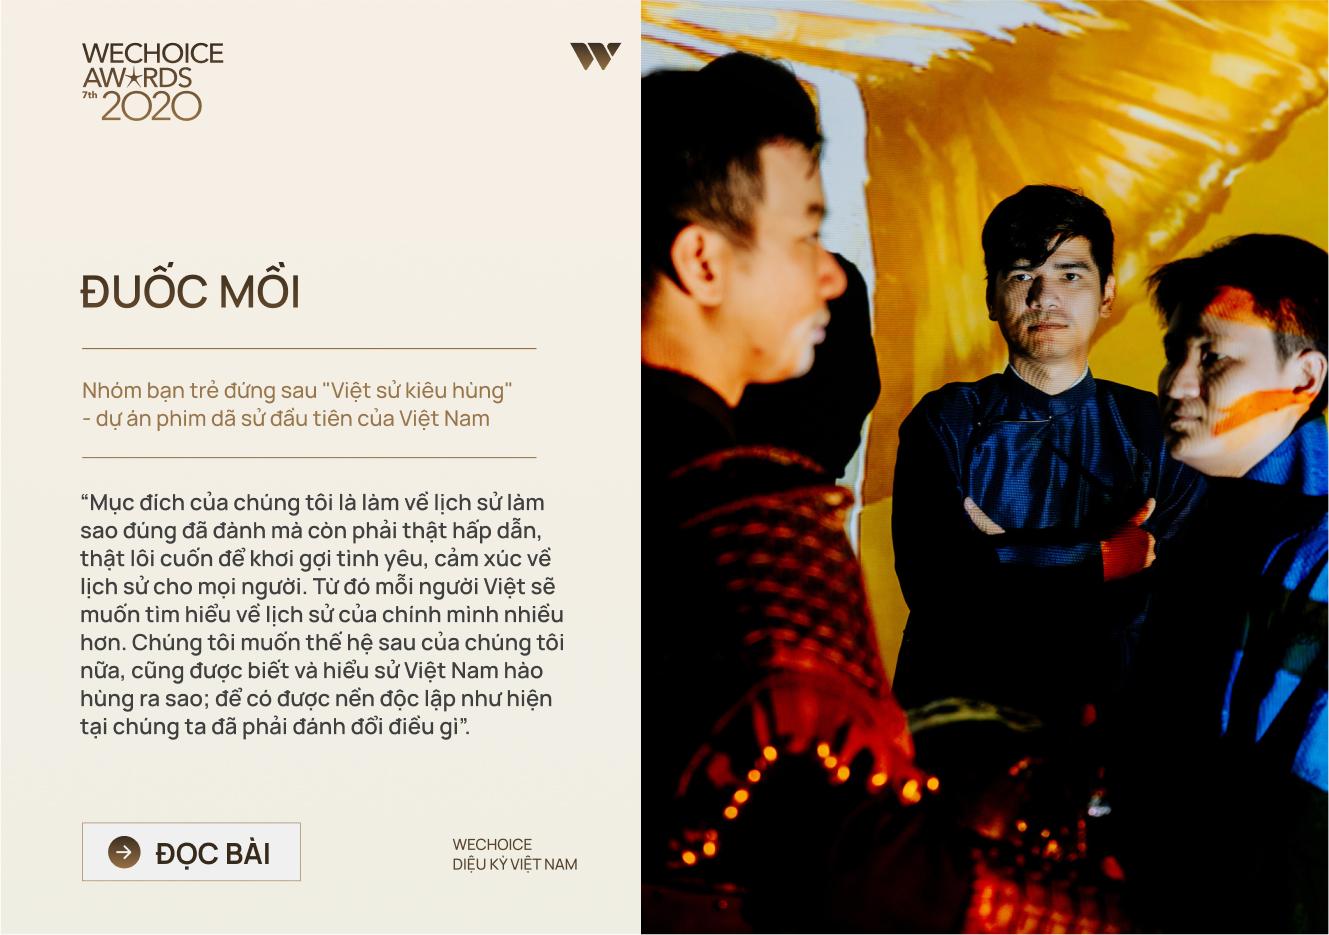 20 đề cử nhân vật truyền cảm hứng của WeChoice Awards 2020: Những câu chuyện tạo nên Diệu kỳ Việt Nam - Ảnh 19.